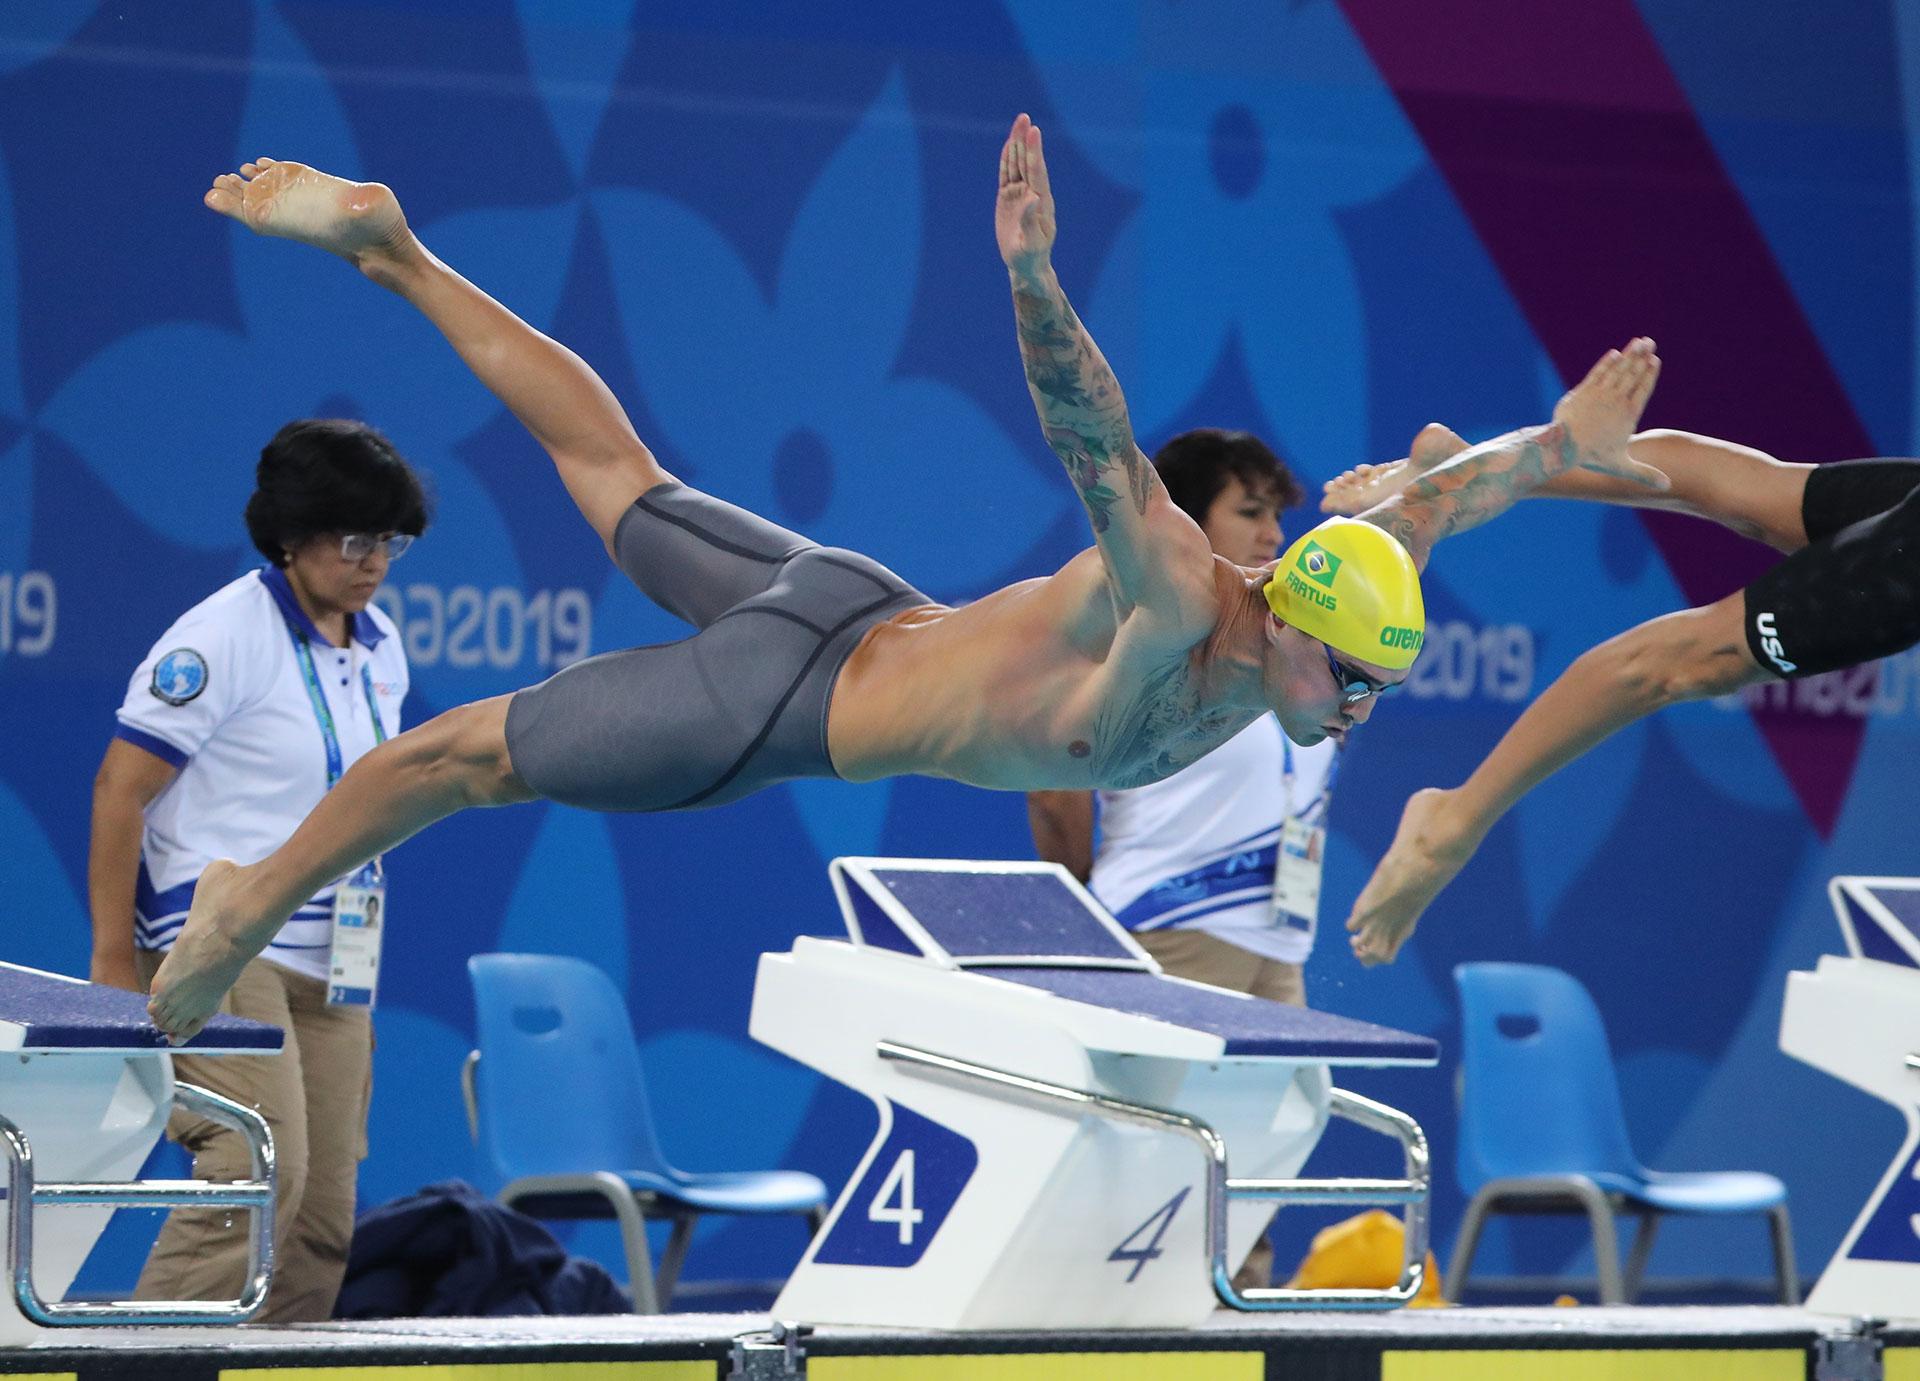 El brasileño Bruno Guiseppe Fratus se lanza a la pileta para competir en los 50 metros estilo libre masculinos de natación